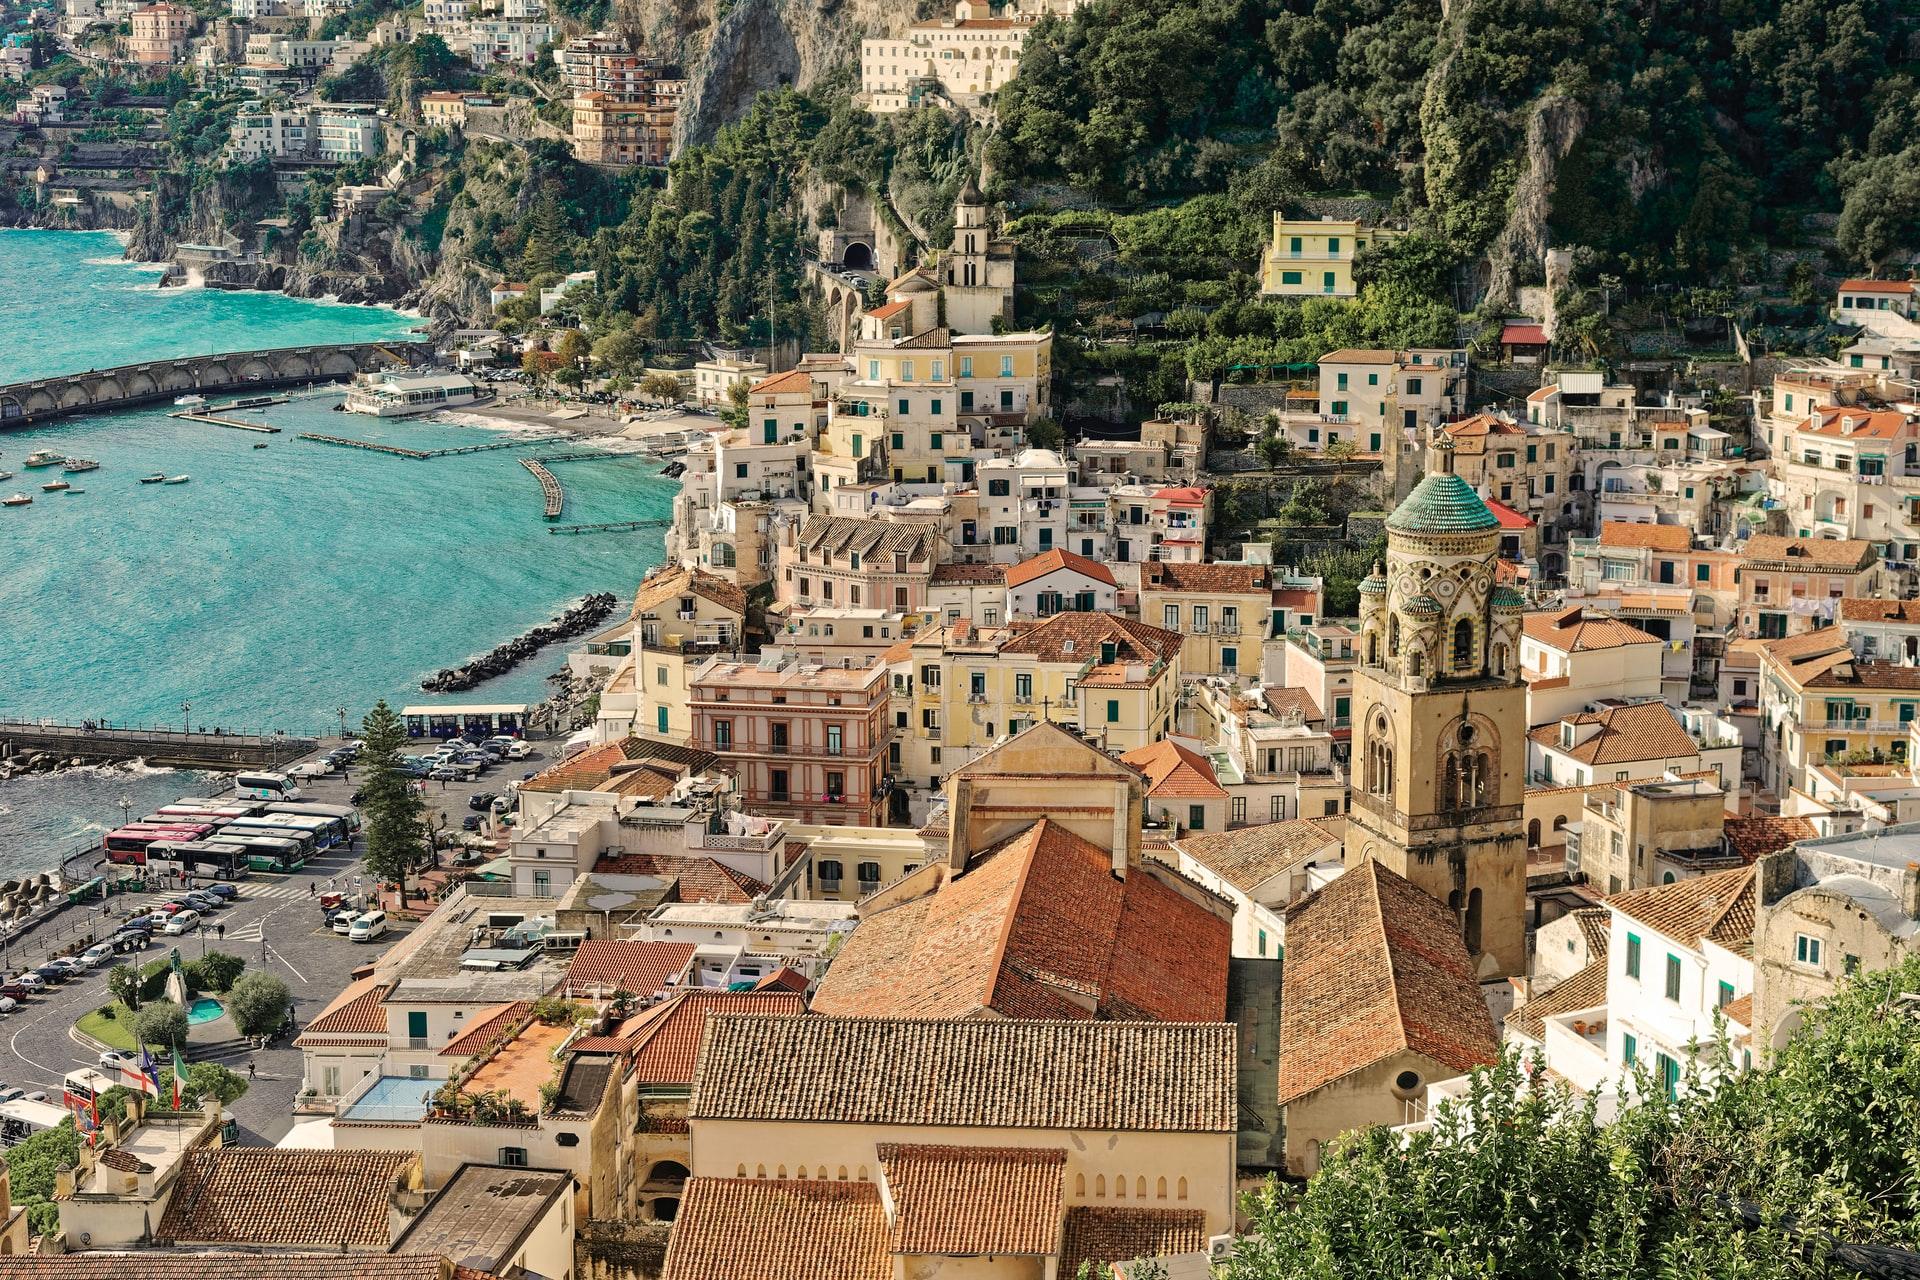 Amalfi centrum